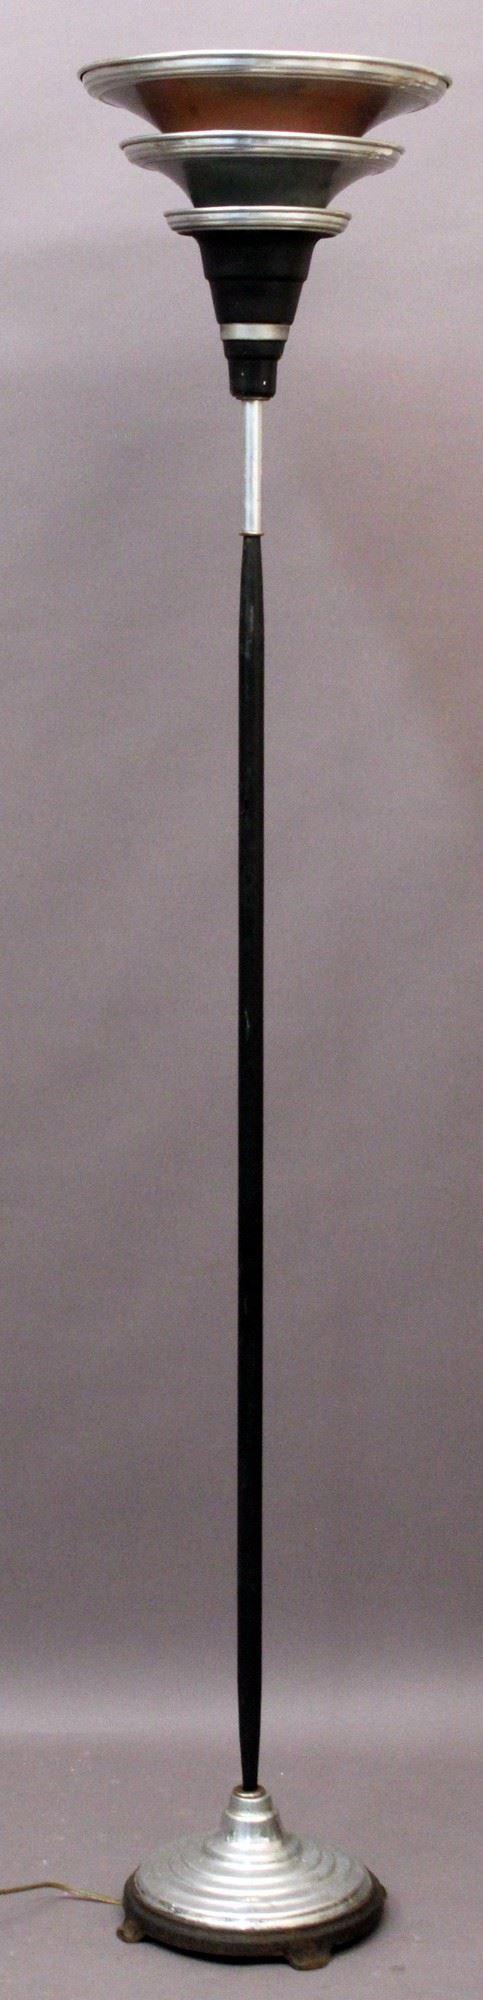 Lampada da terra in metallo, Anni '70, H 166 cm.